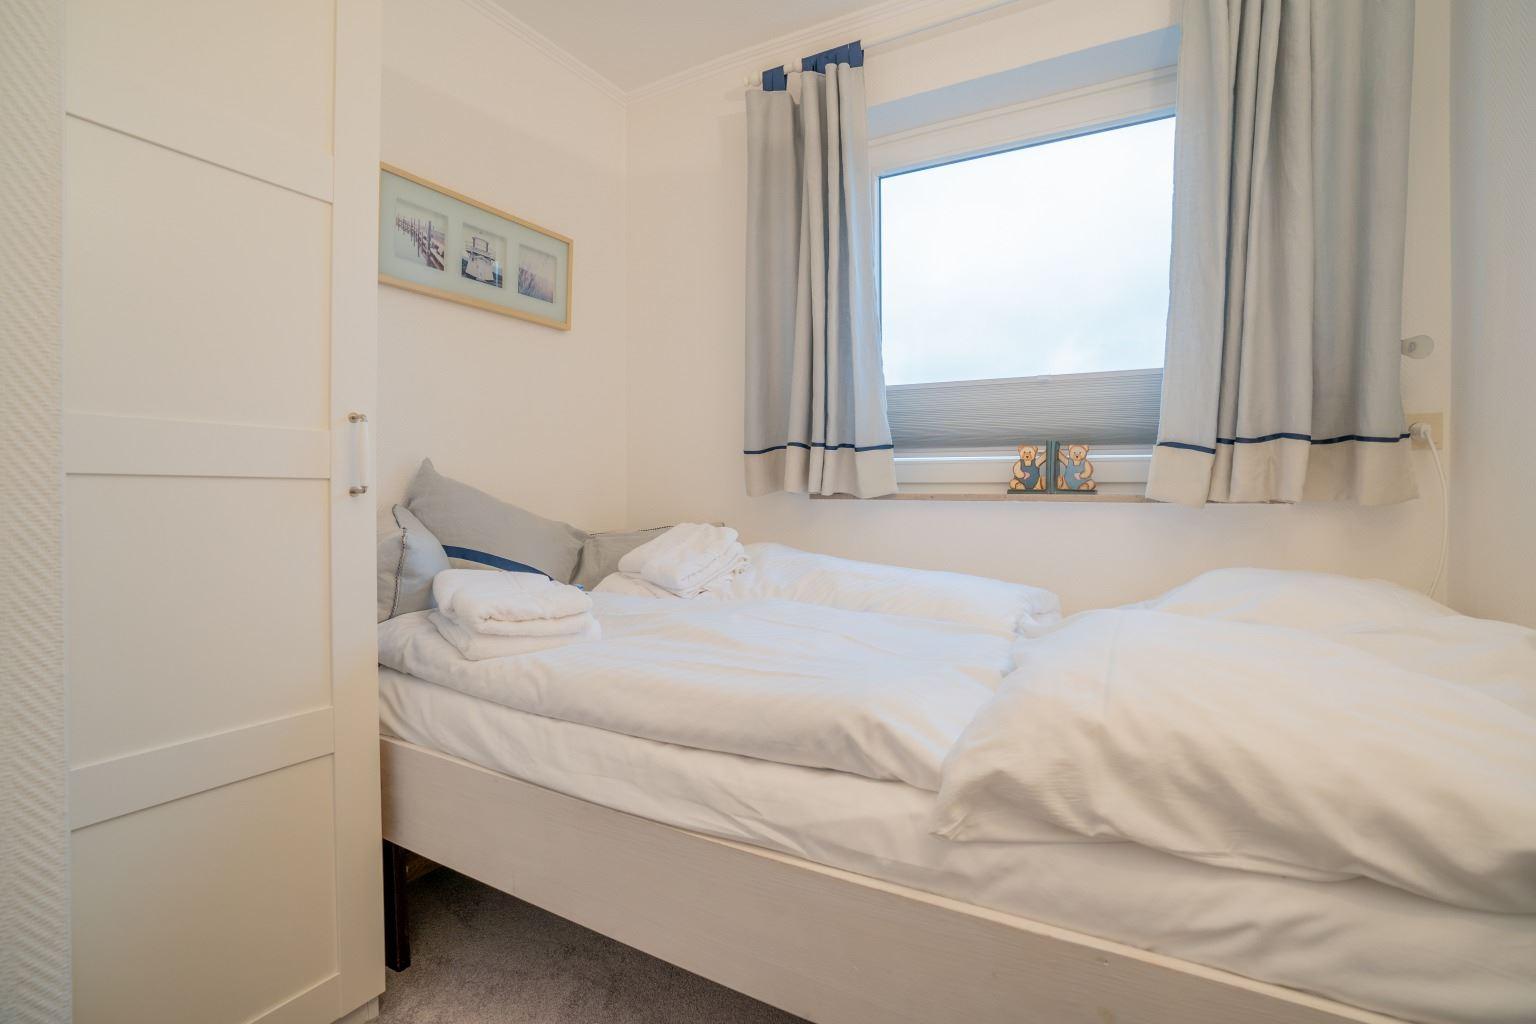 2. Schlafzimmer mit Ausblick